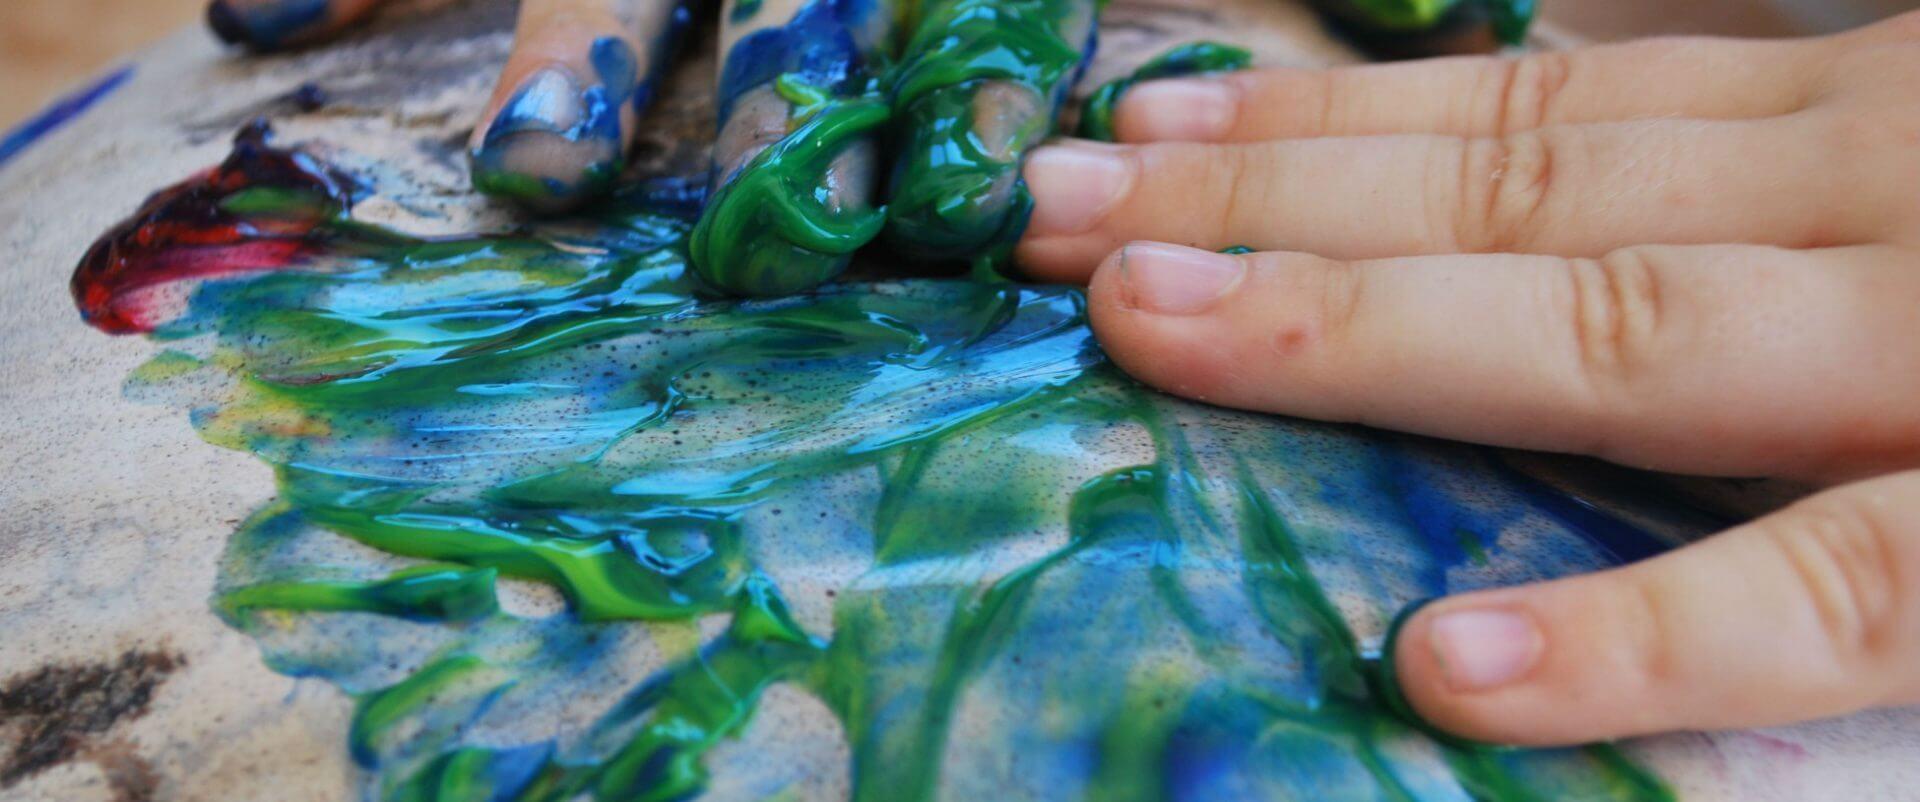 mit den Händen malen